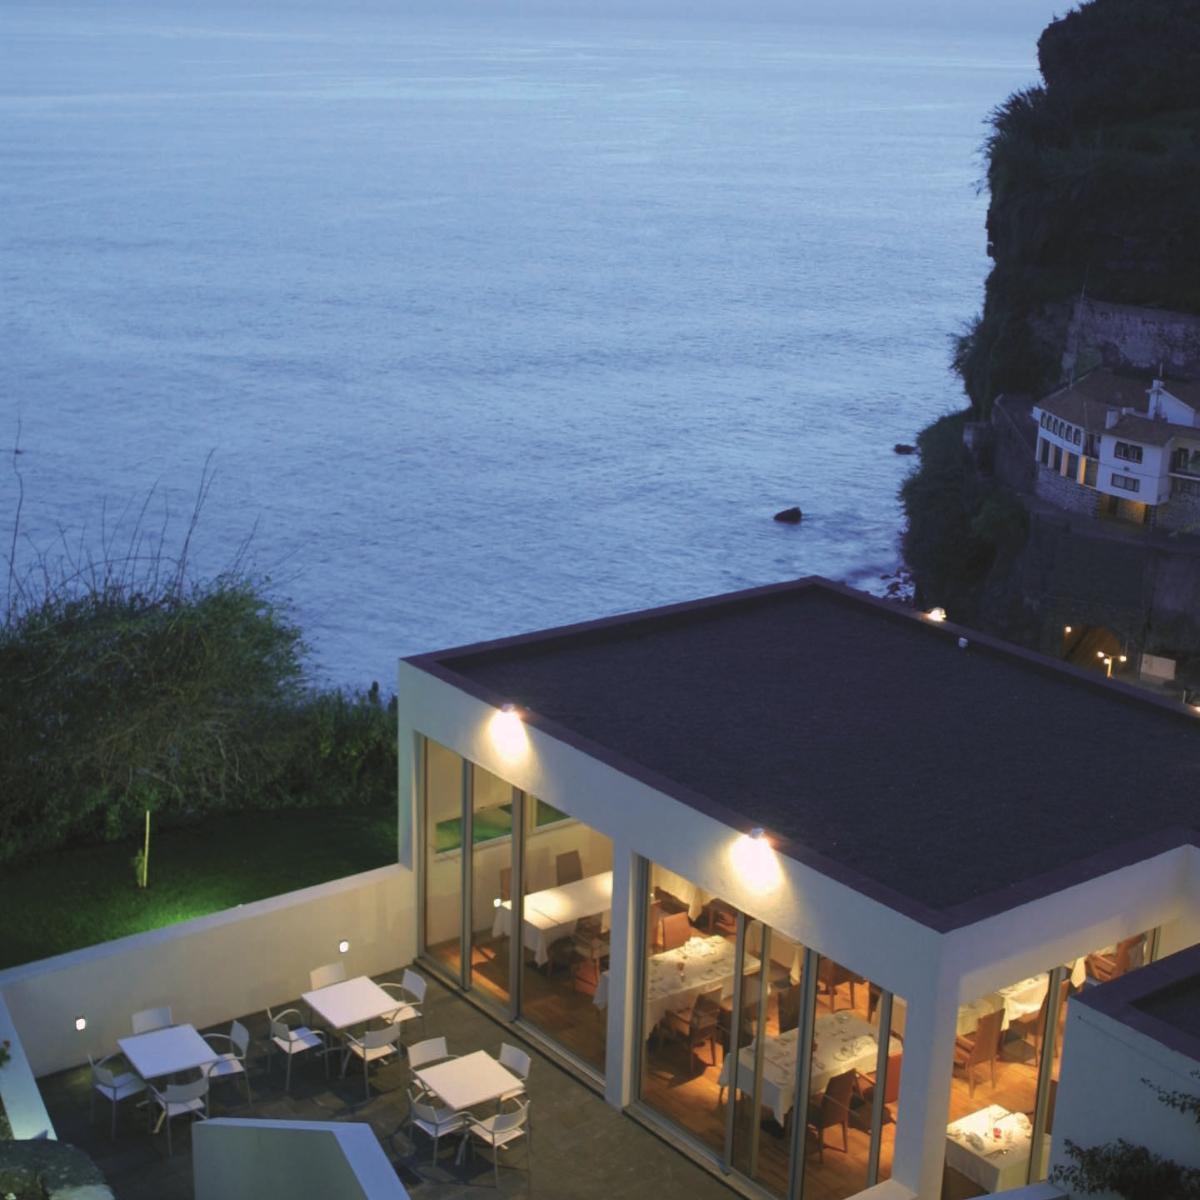 Ponta do sol auf Madeira (30)